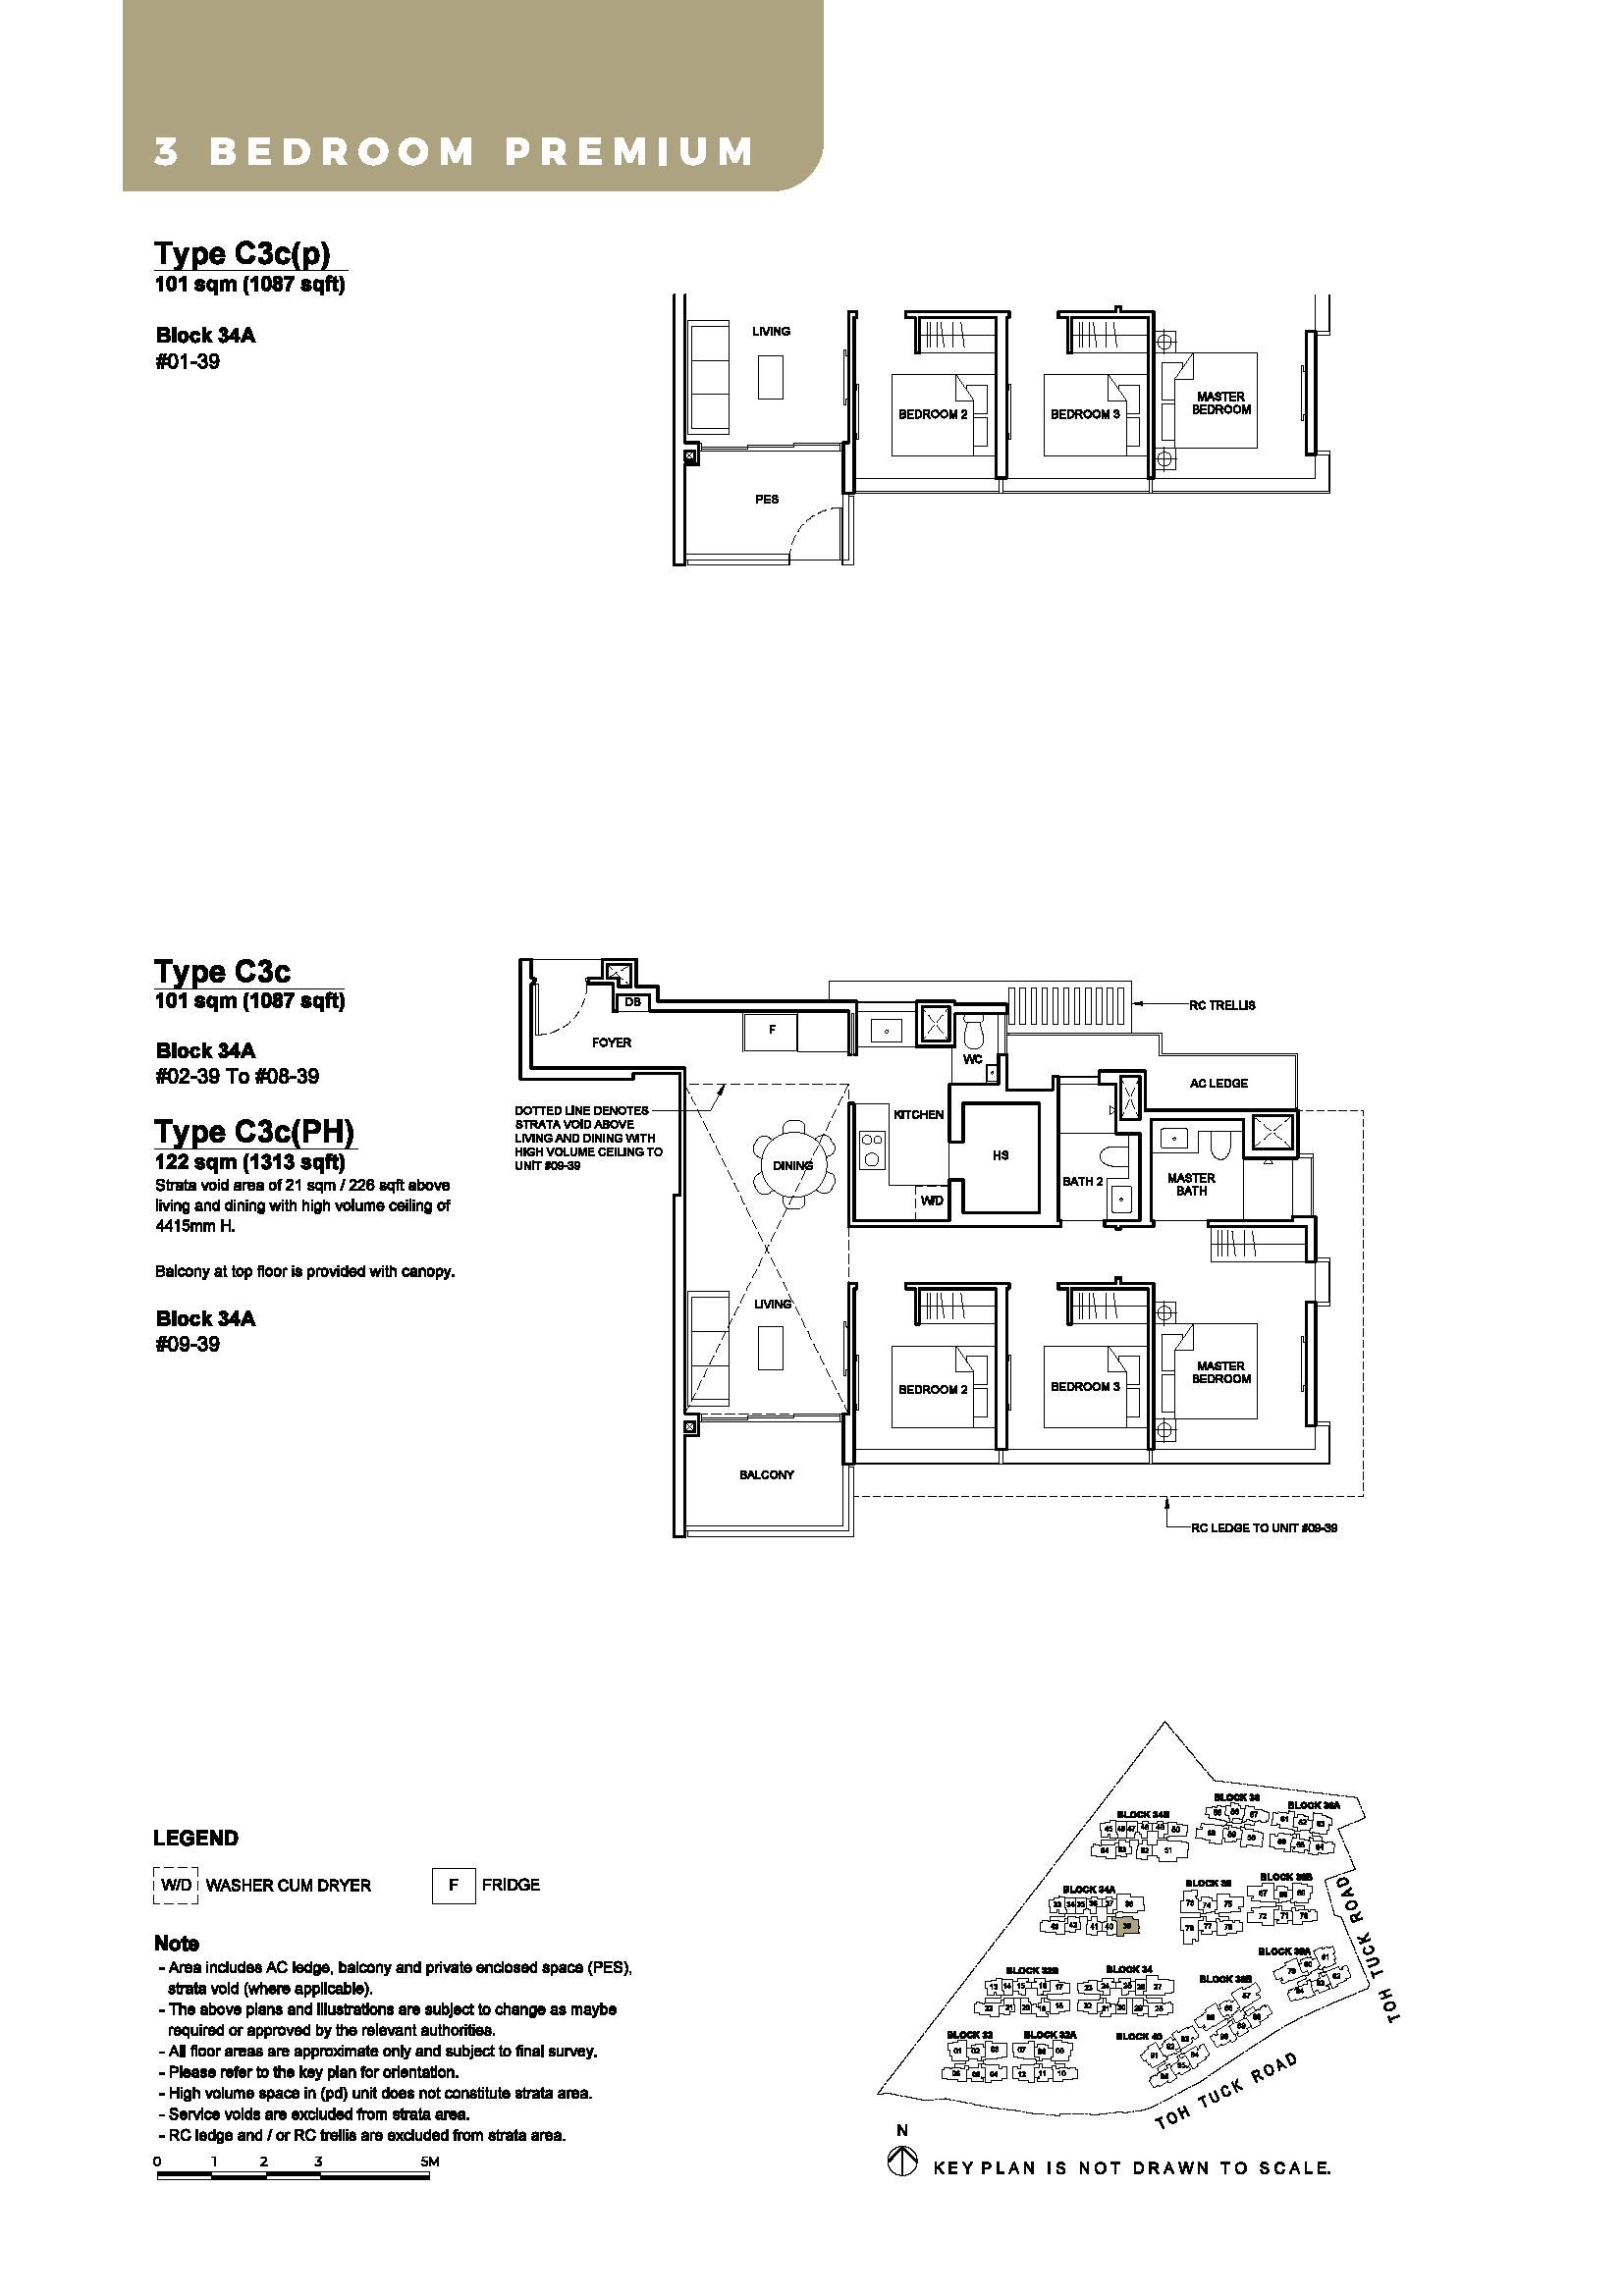 Type C3c - C3c(p) - C3c(PH)